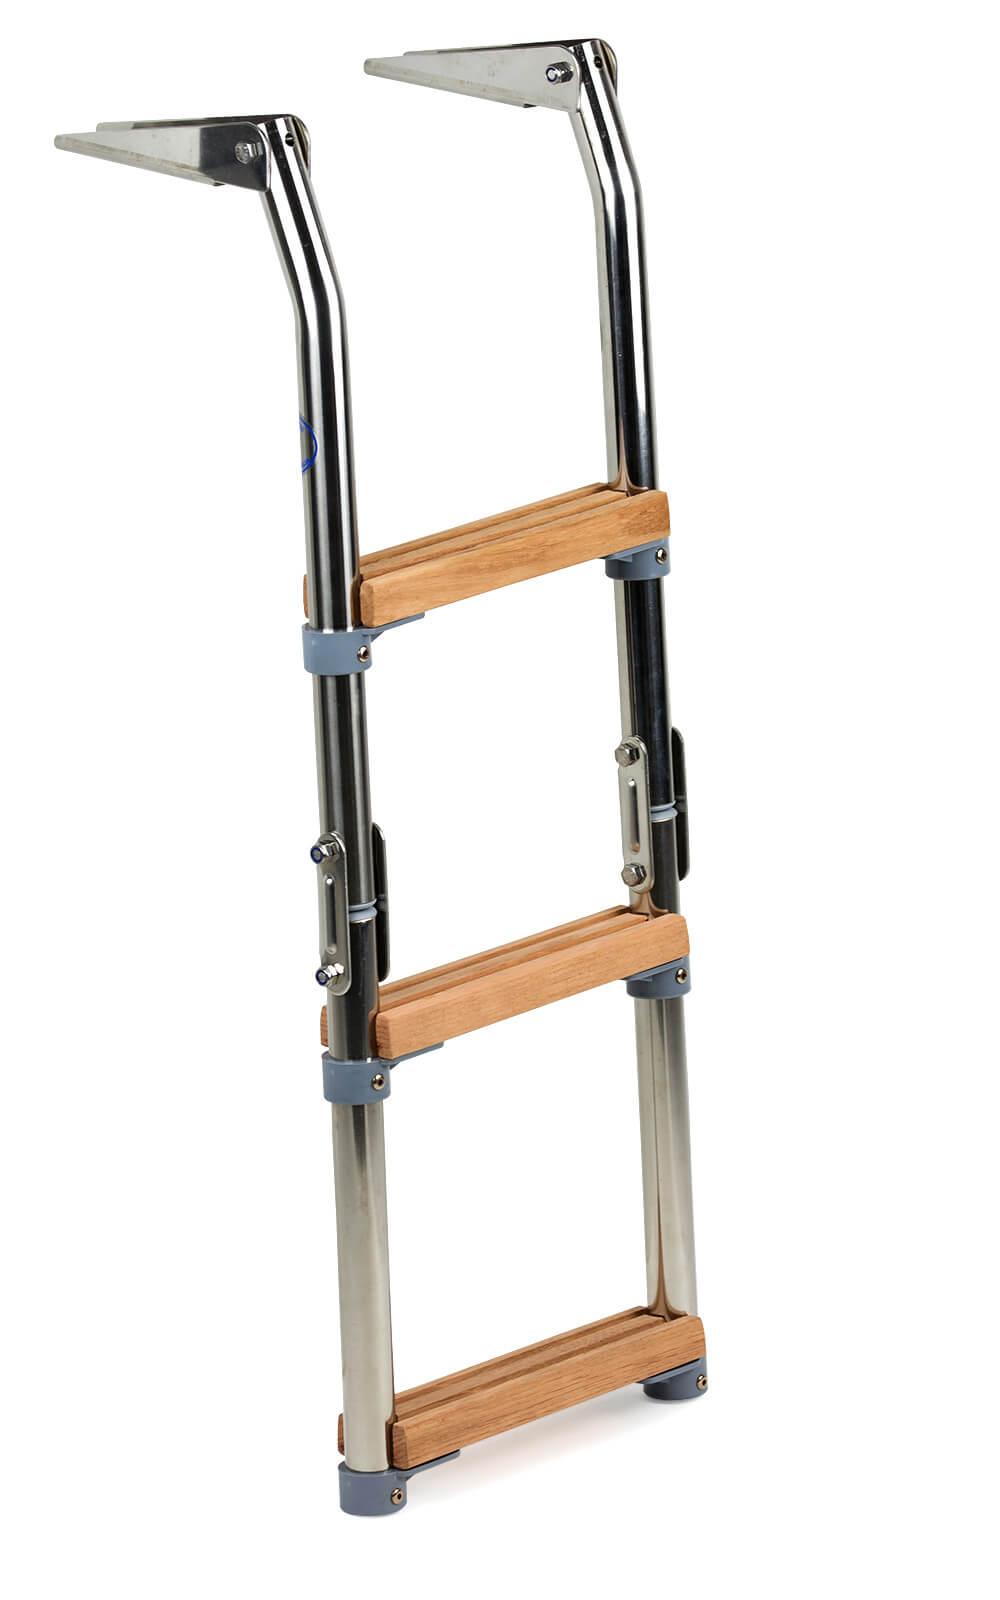 2 Stufen Heck Plattform Badeleiter Leiter klappbar Edelstahl